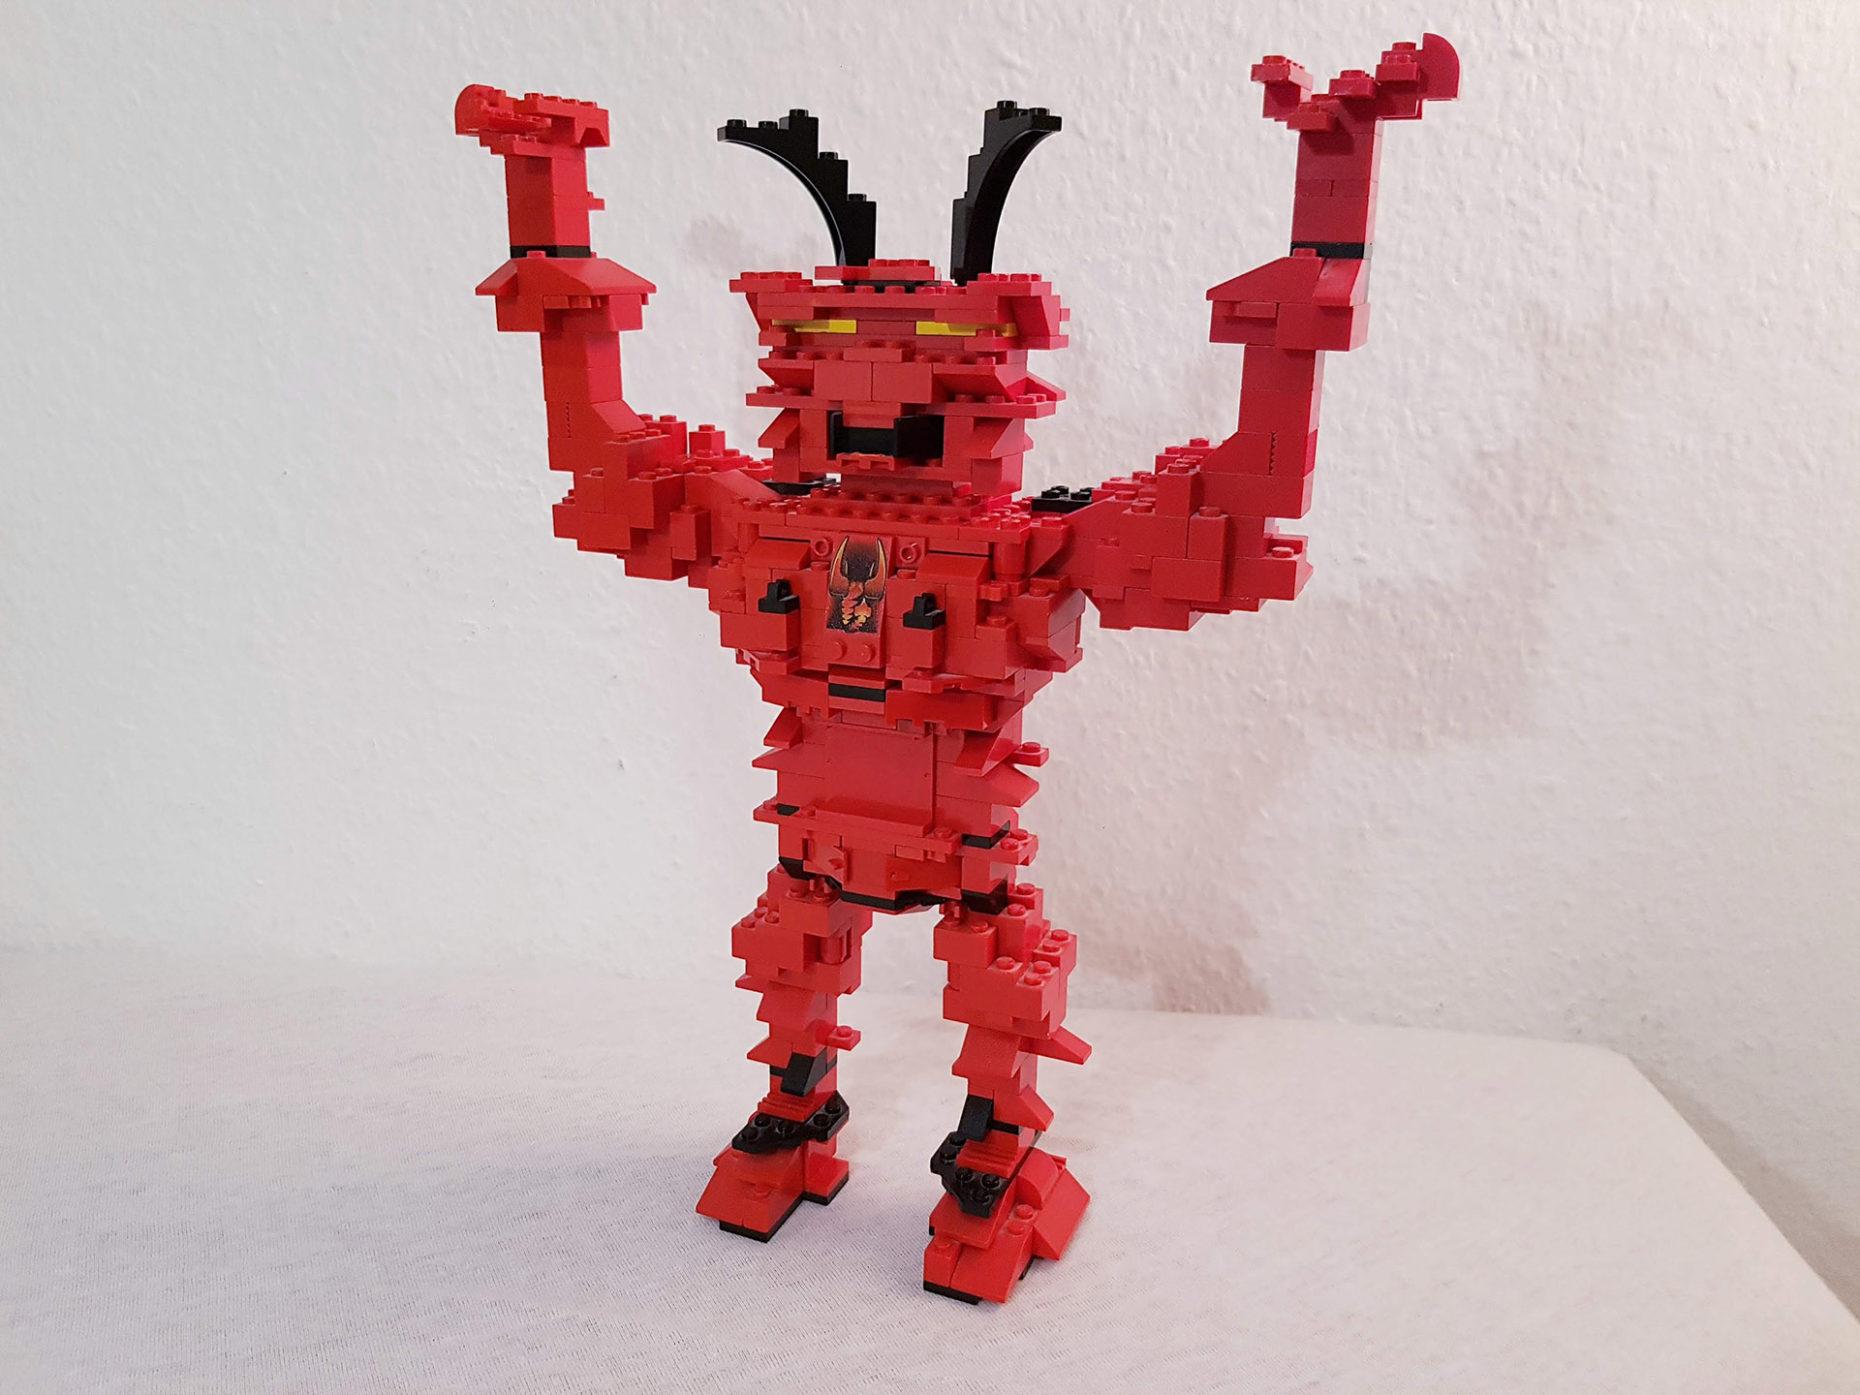 Supadupafly Devil - LEGO MOC - LEGO Teufel